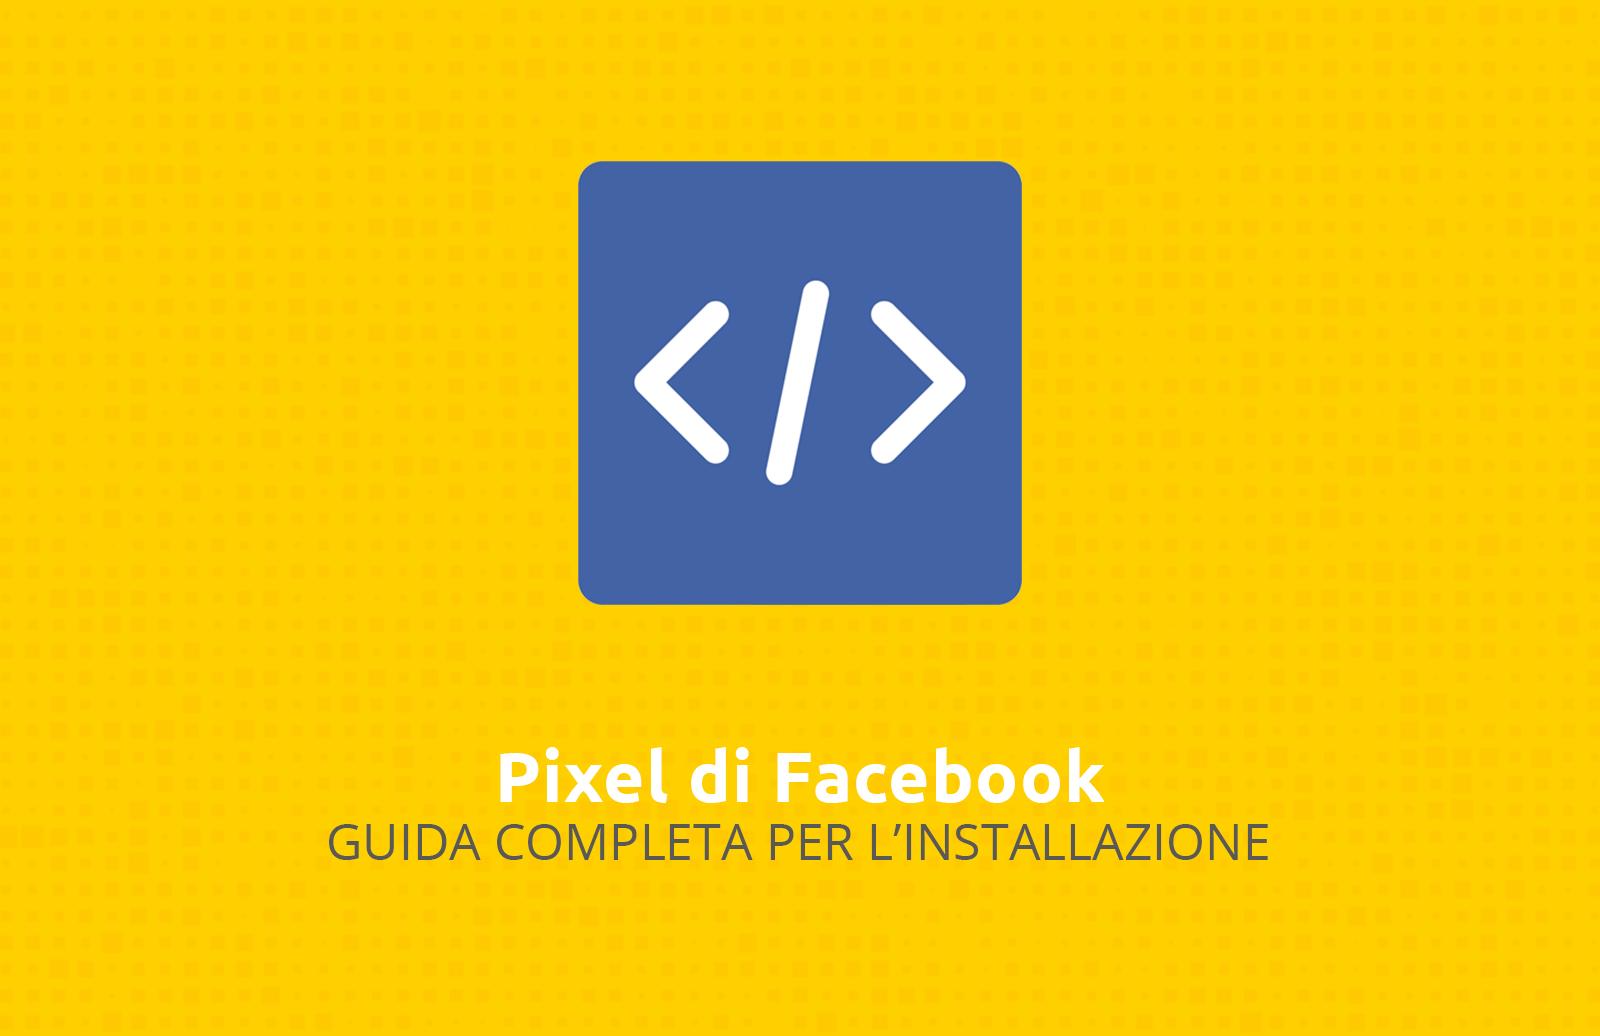 coine come installare il pixel di facebook